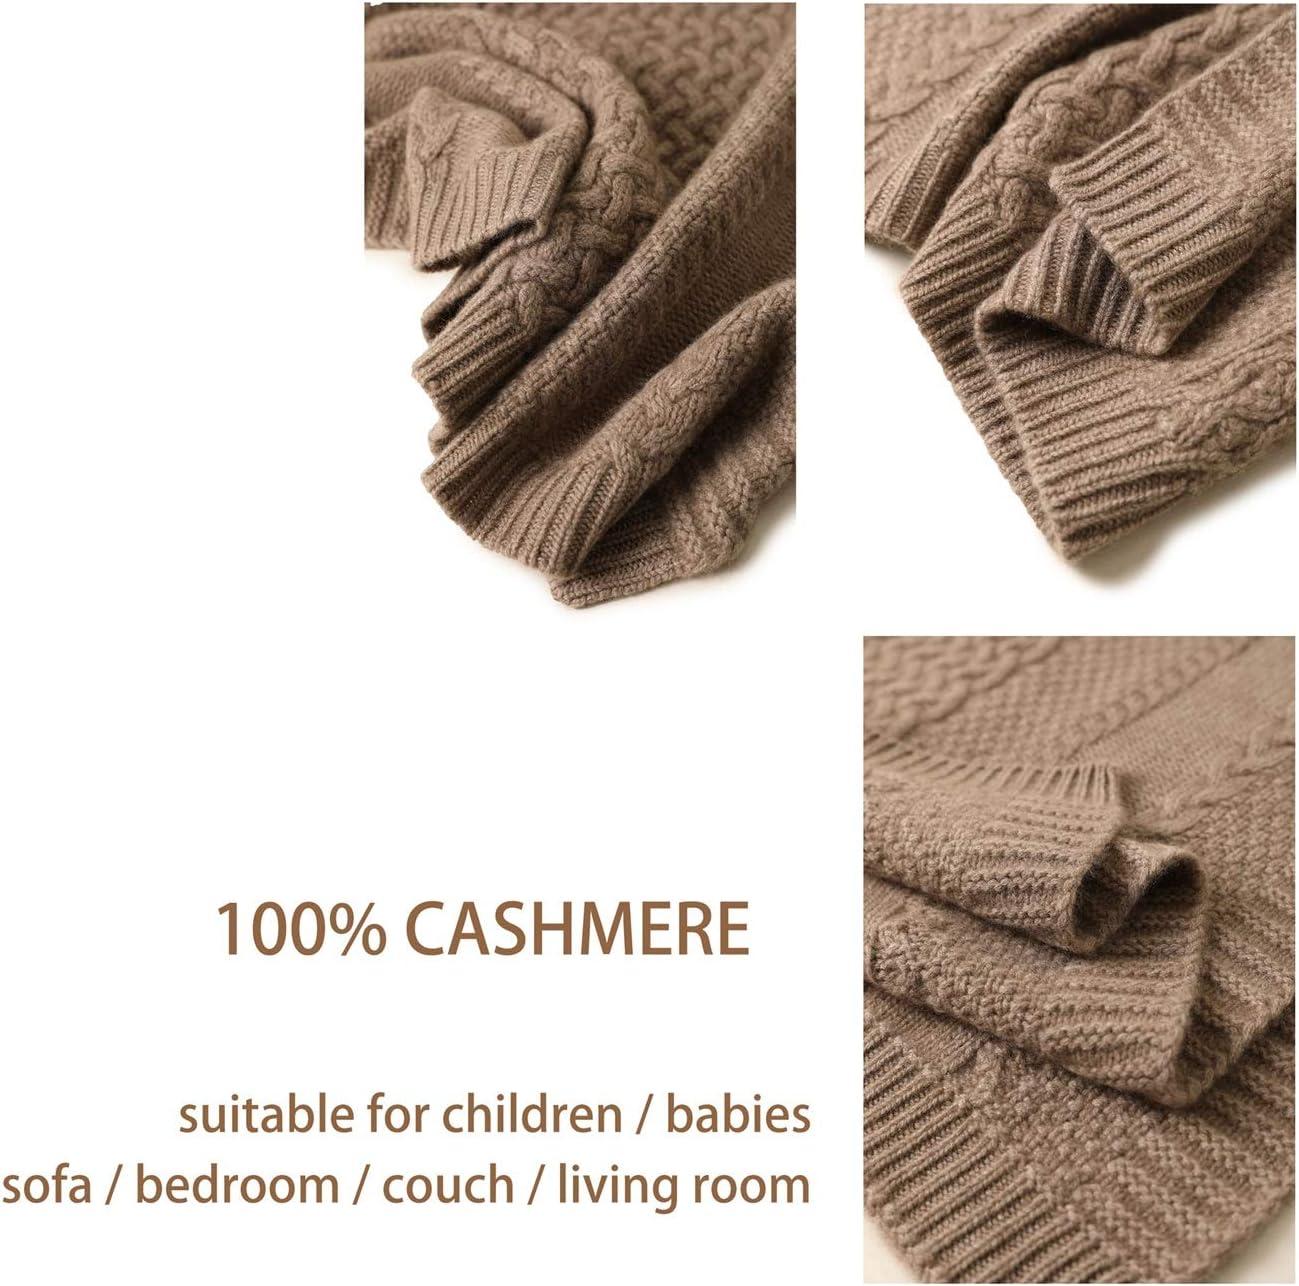 100% Couverture en cachemire, Blanket confortable ultra-doux Voyage Thicken Deluxe Fluffy Dense Lightweight en peluche Microfibre for enfants et bébés, 110X75cm (Color : A) B